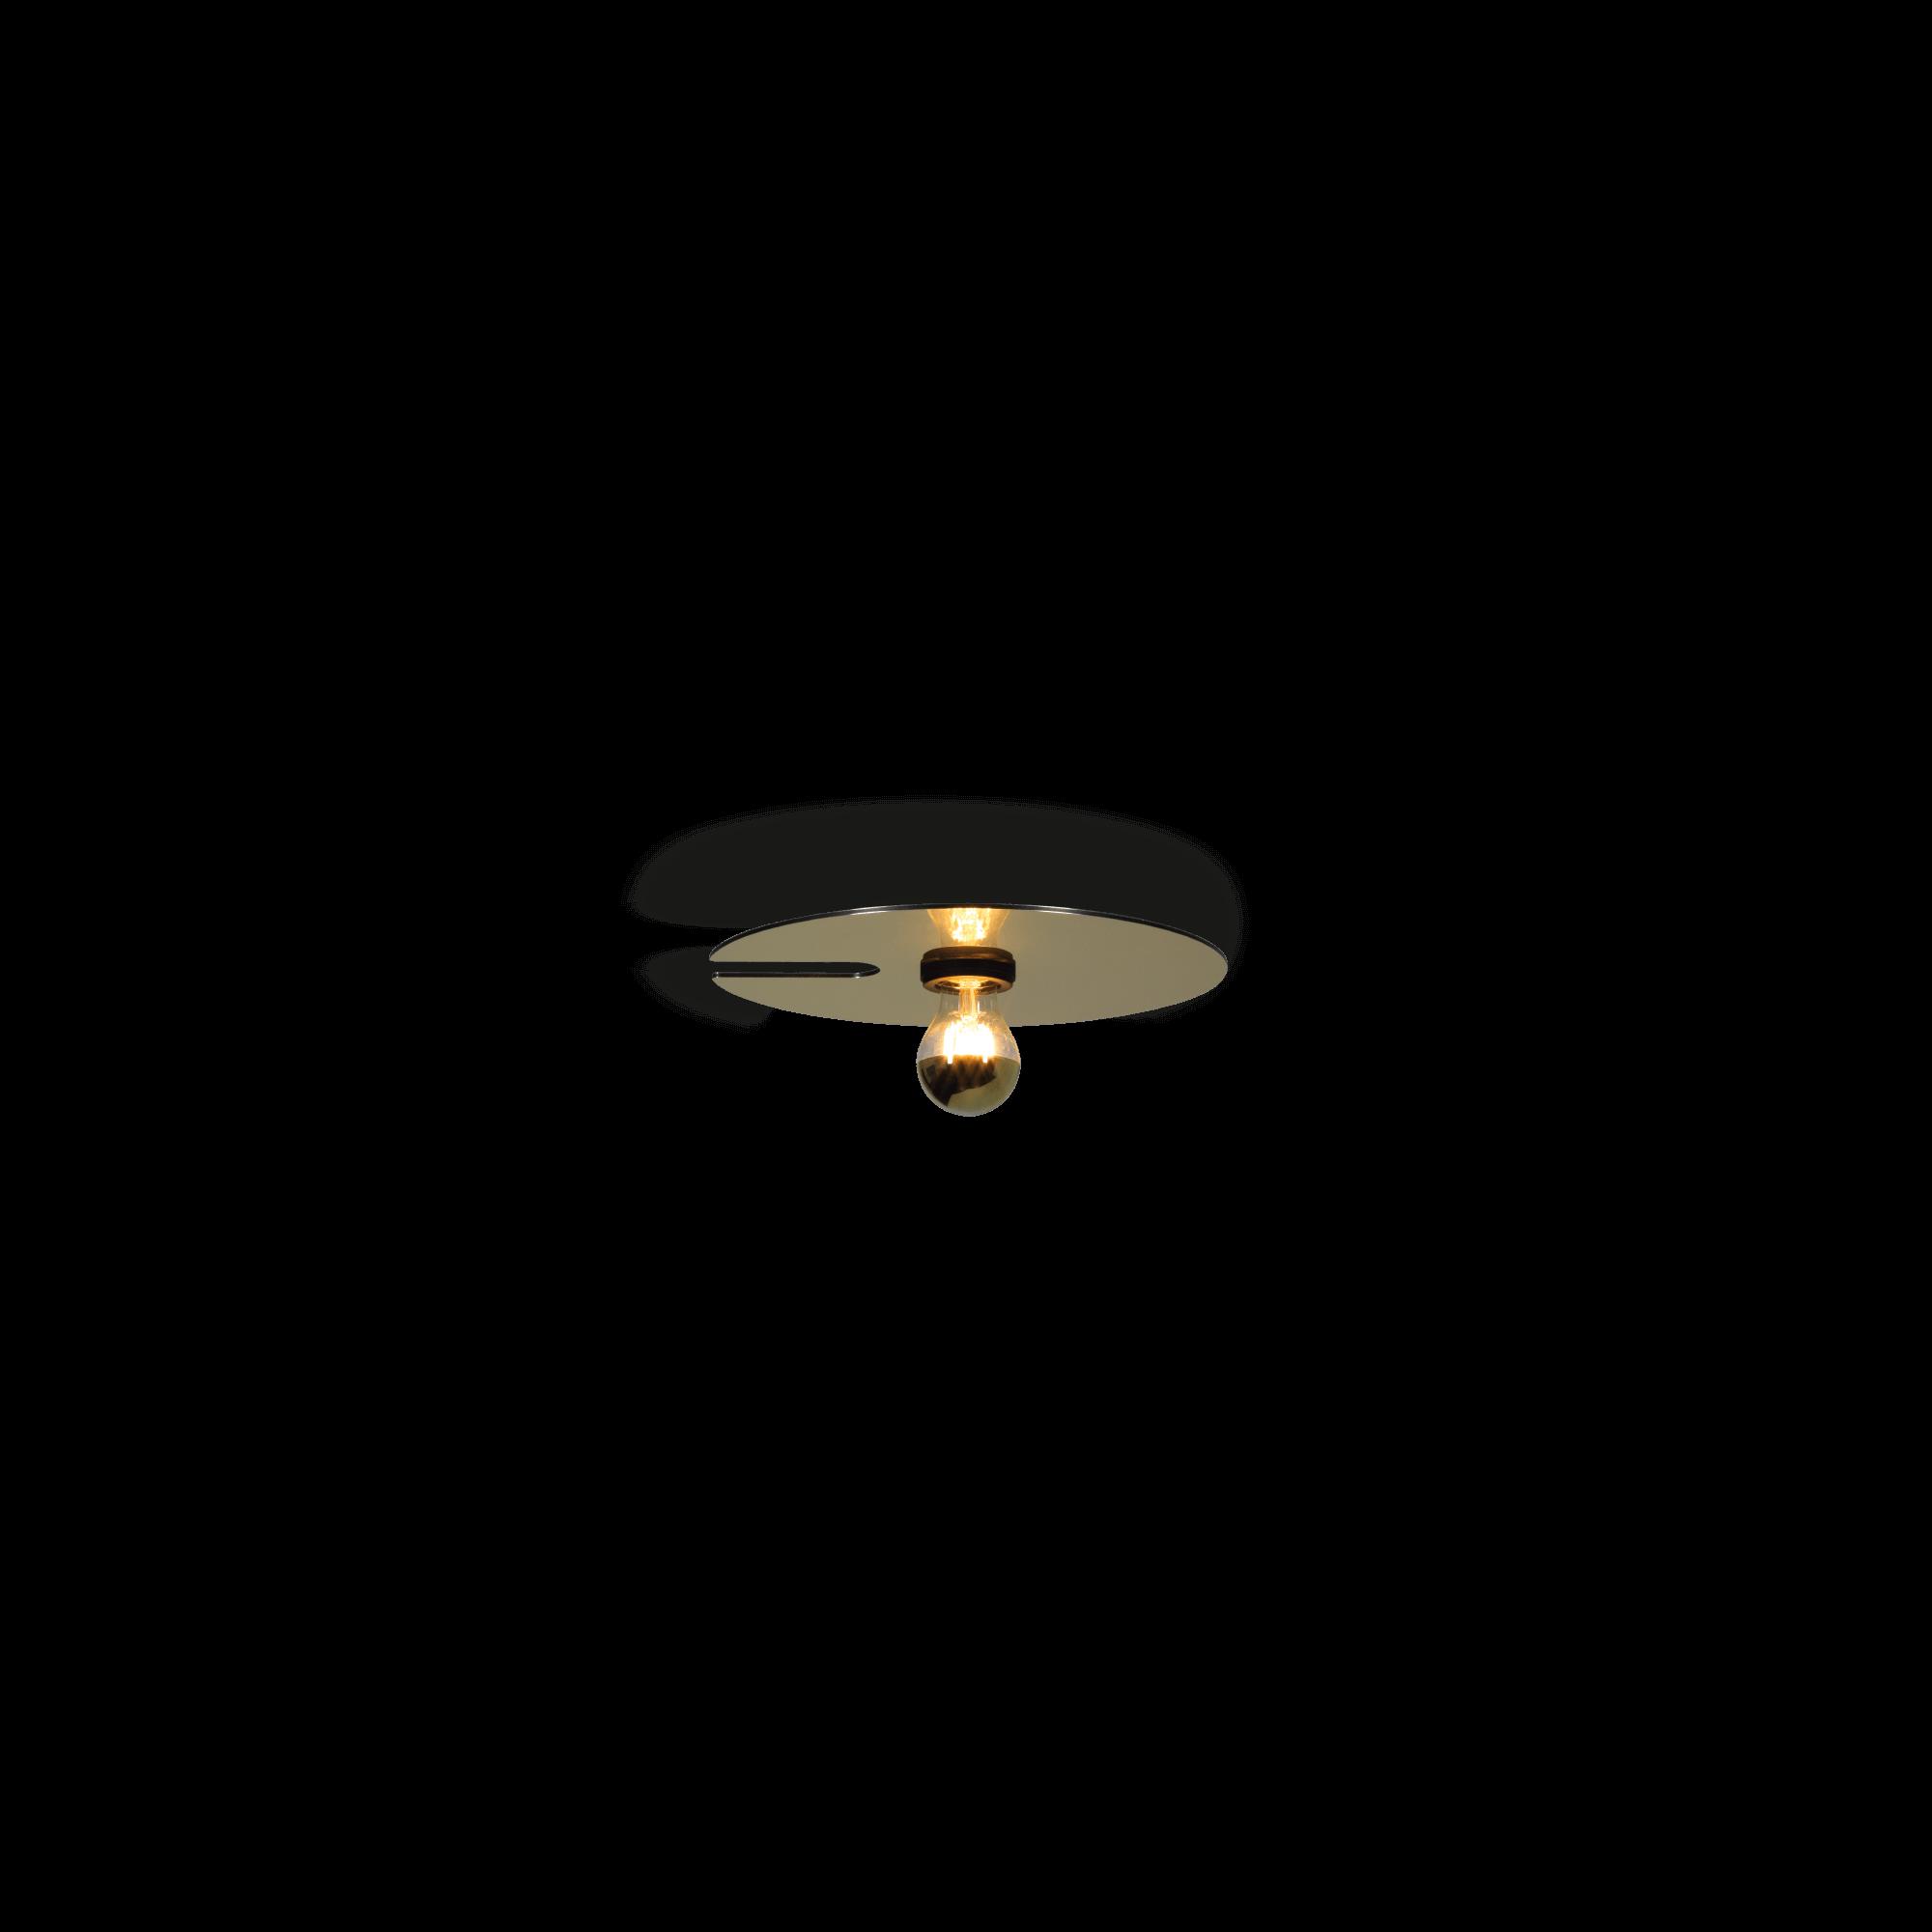 תאורה לסלון צמוד תקרה דיסקית מוזהבת קטנה